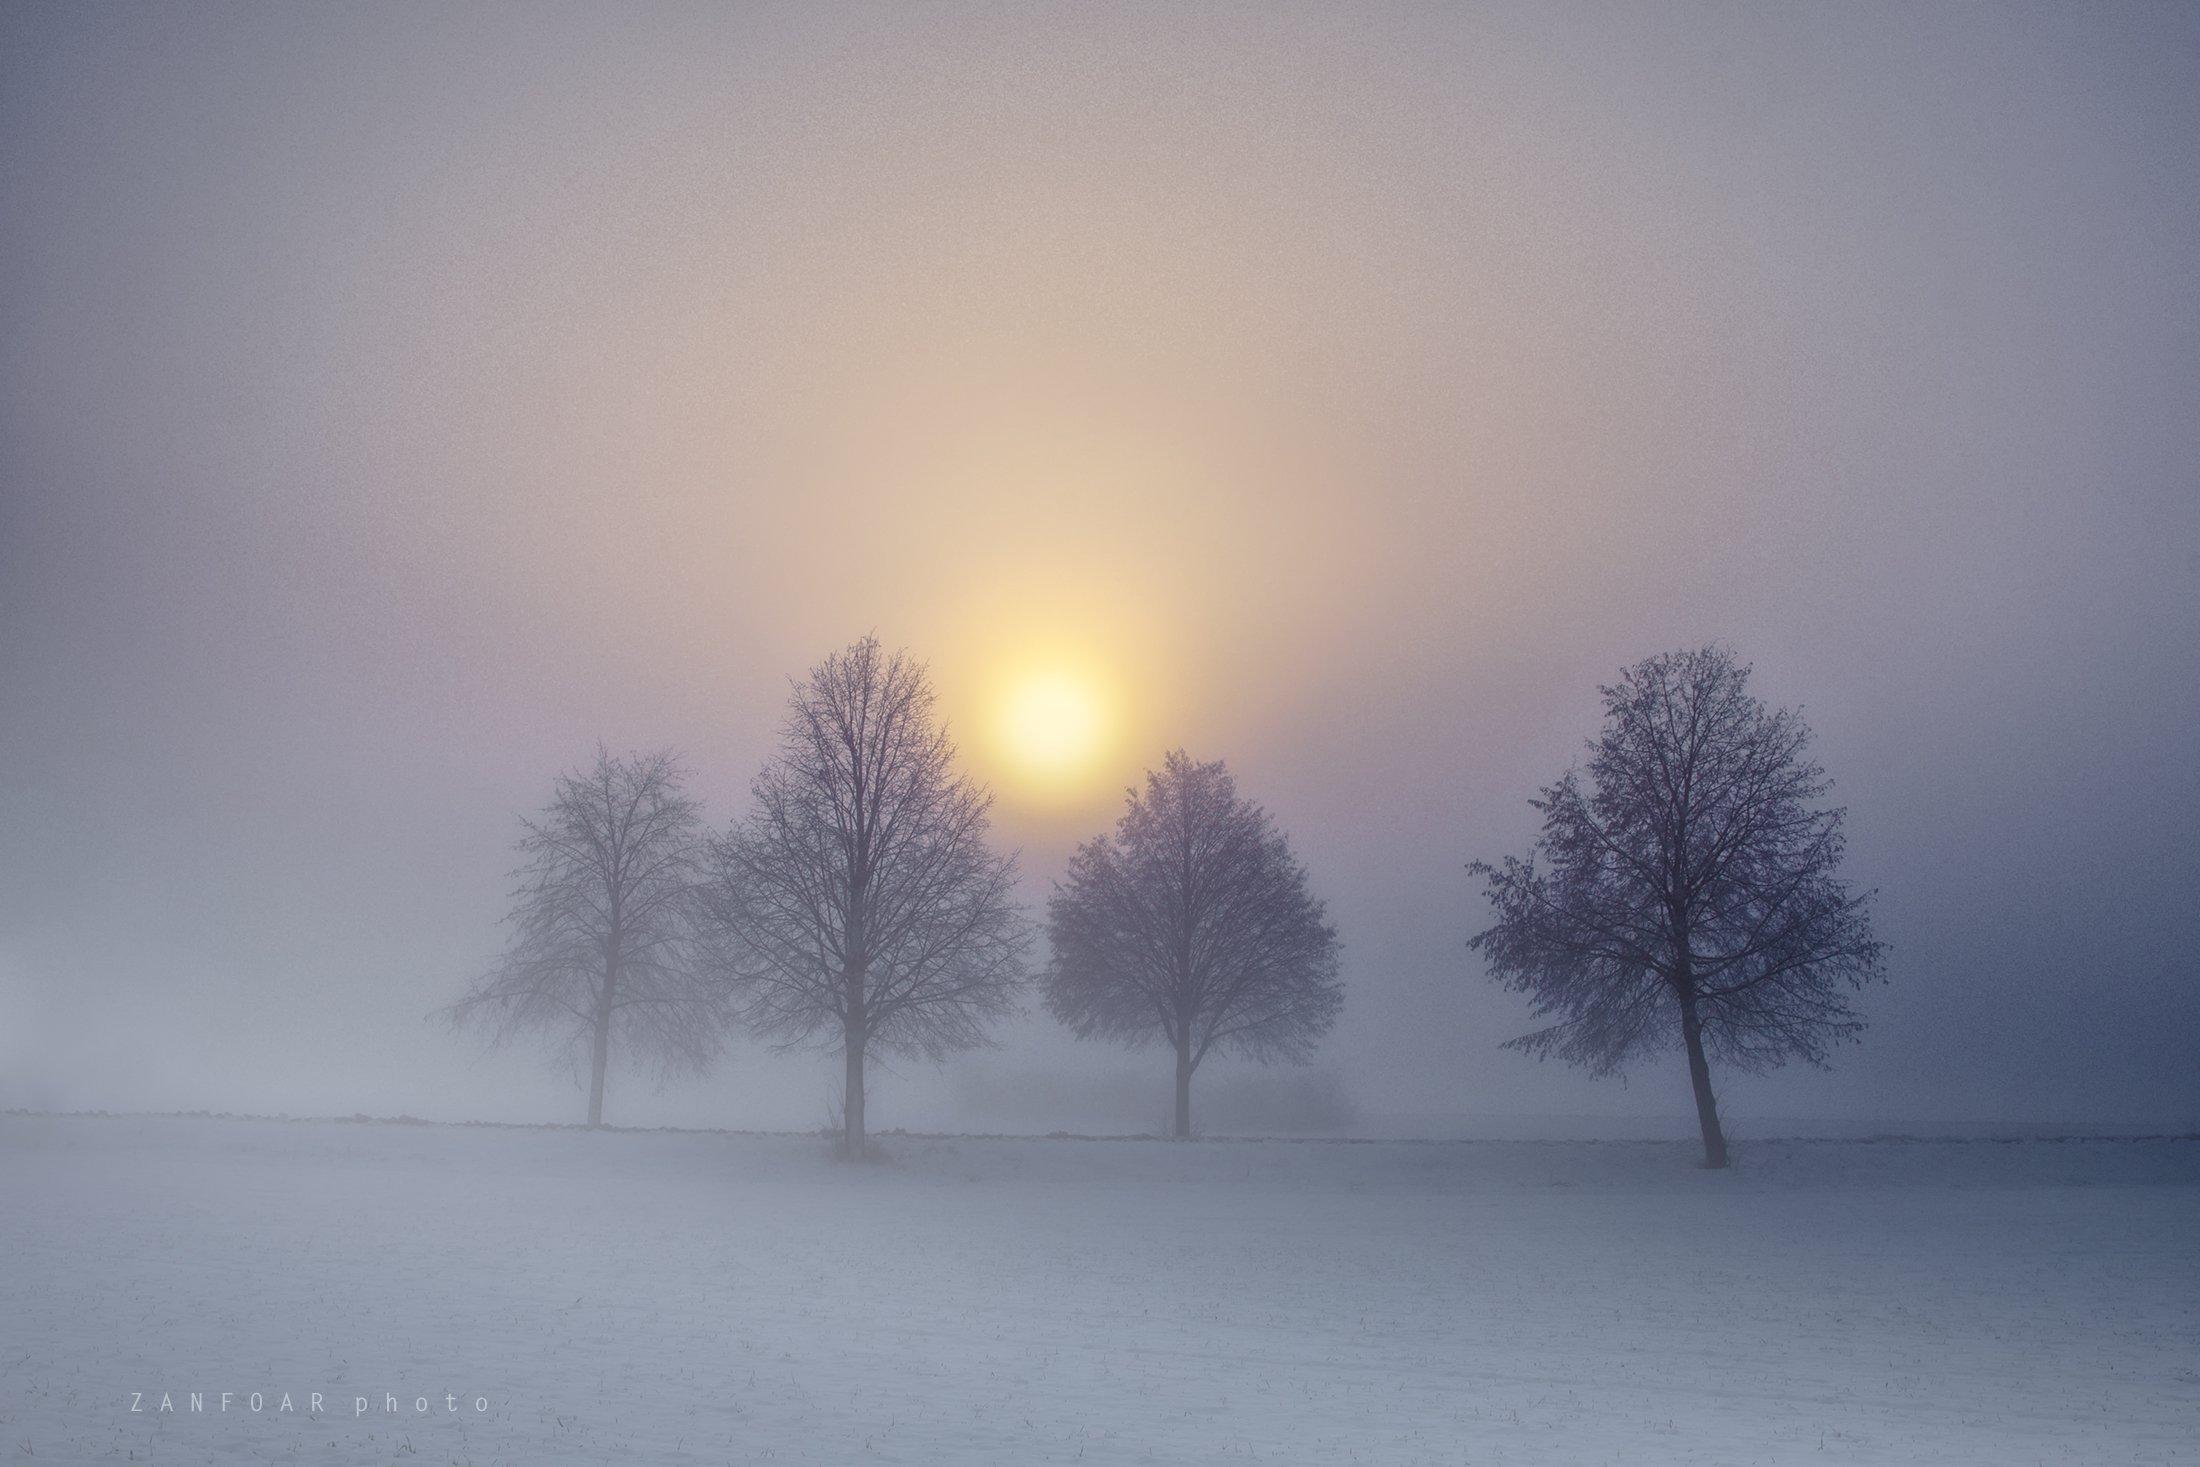 мороз, утро,zanfoar,cech republic,bohemia,moravia,nikon d750,чехия,  Zanfoar